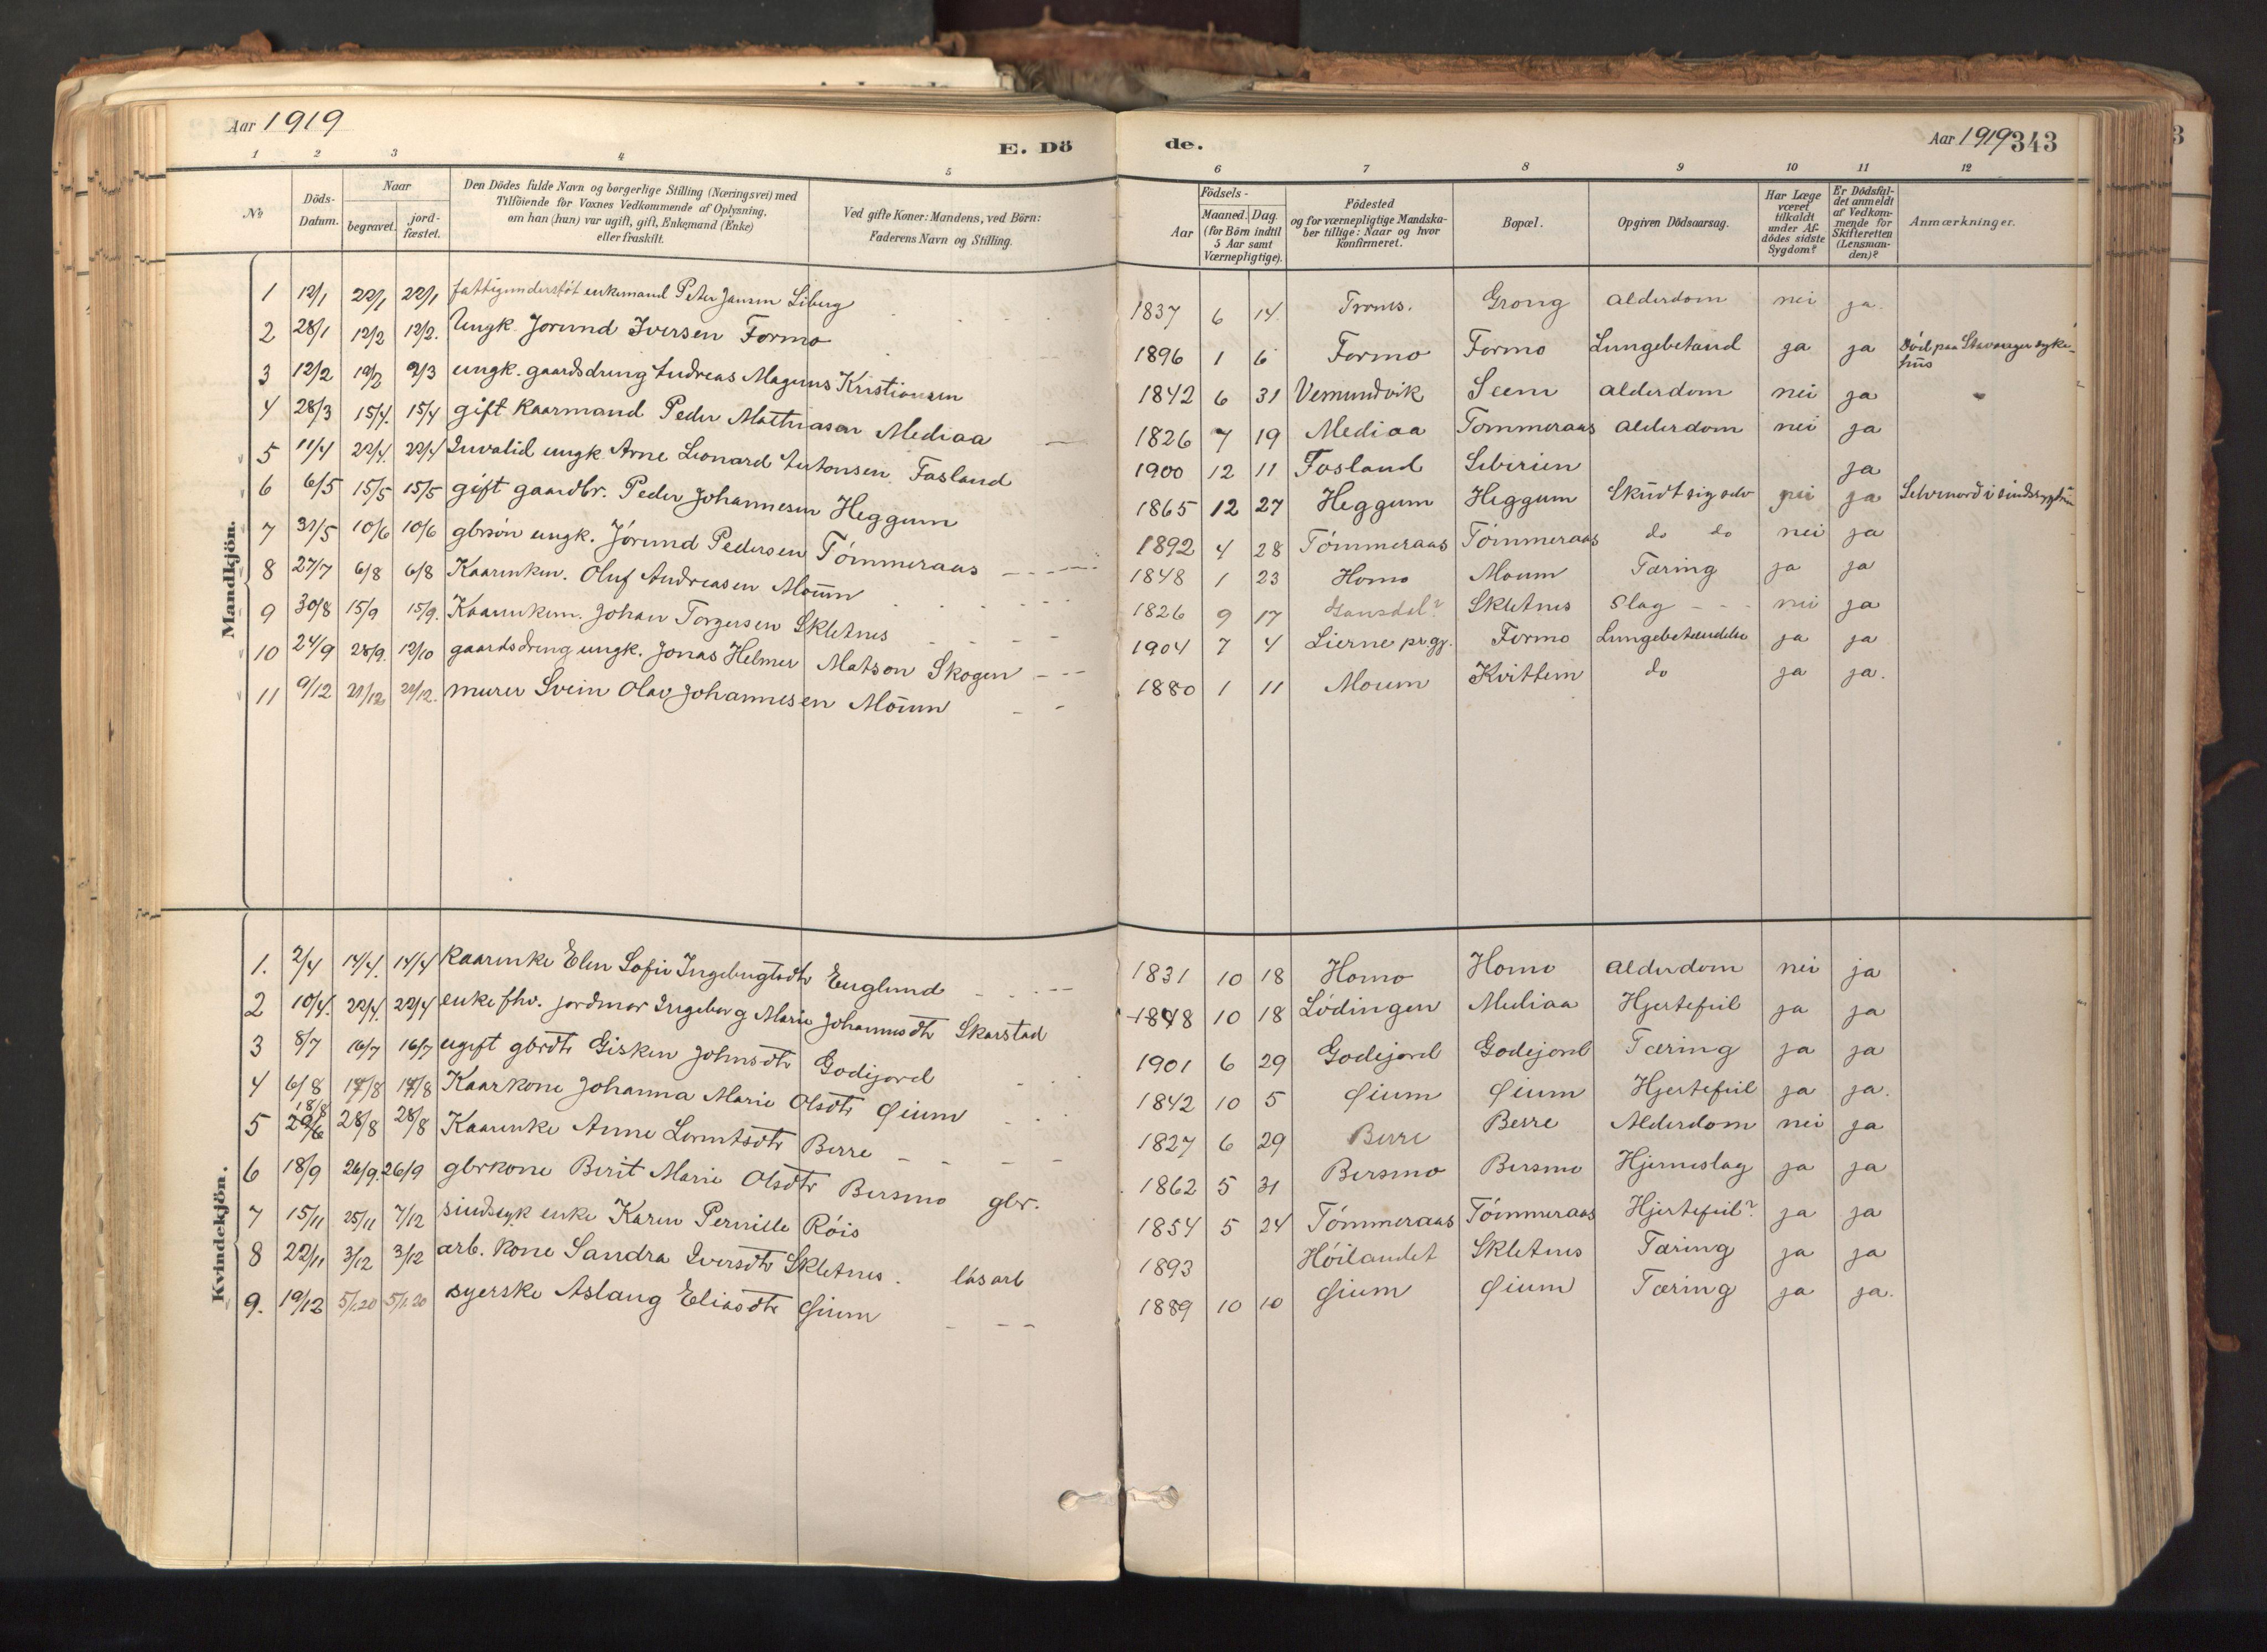 SAT, Ministerialprotokoller, klokkerbøker og fødselsregistre - Nord-Trøndelag, 758/L0519: Ministerialbok nr. 758A04, 1880-1926, s. 343